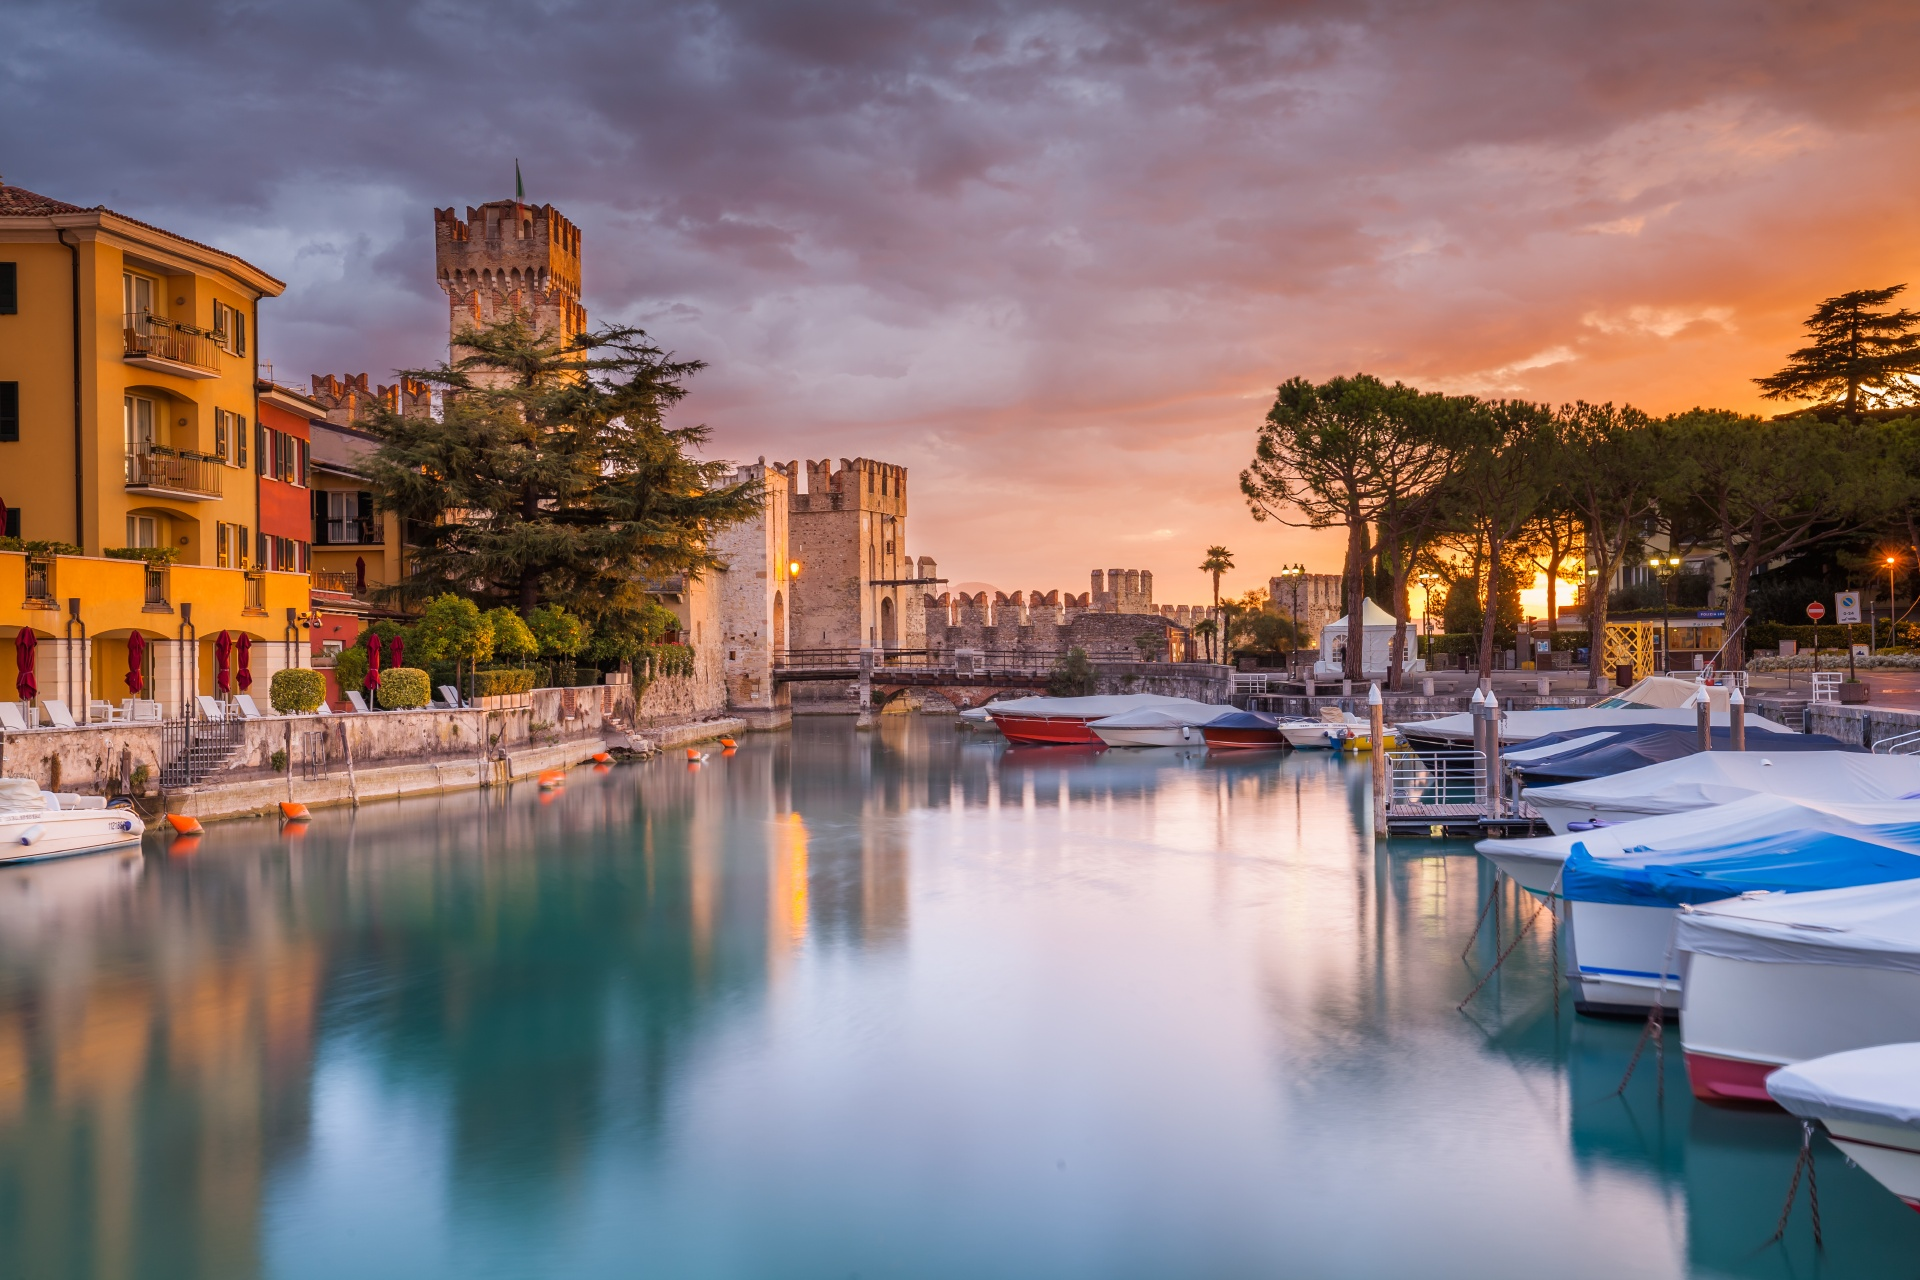 シルミオーネの港 ガルダ湖 イタリアの風景